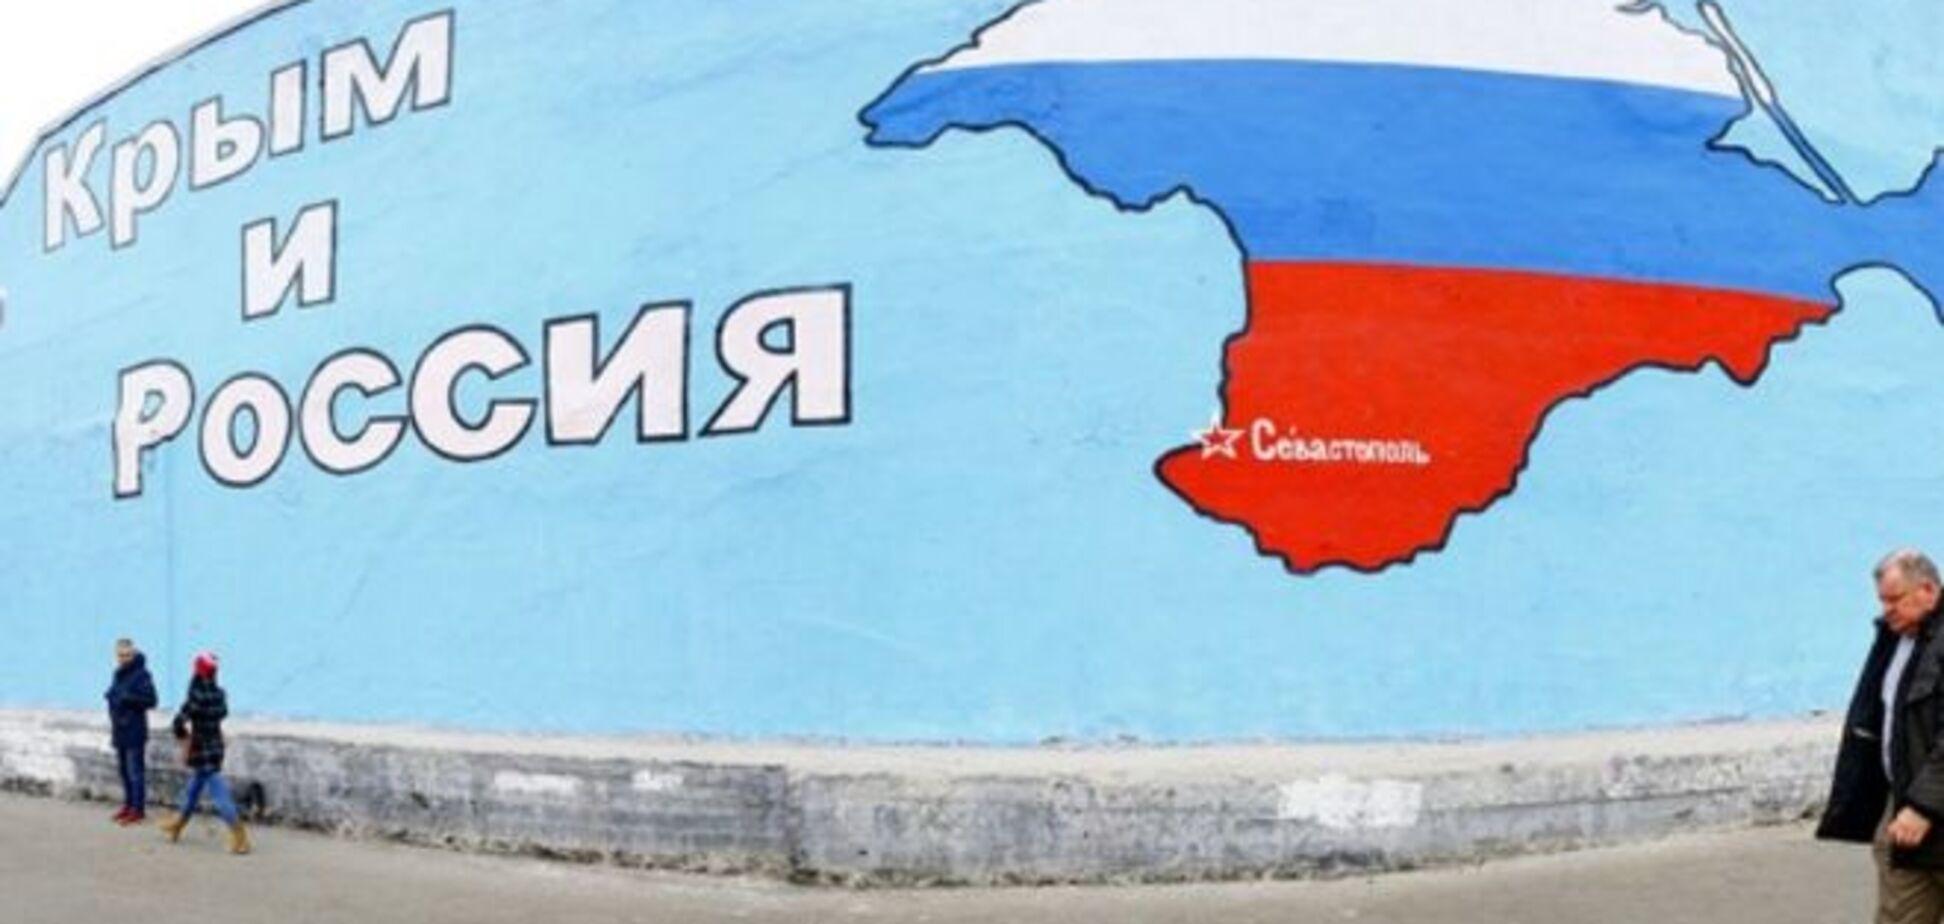 Всего 16% россиян готовы 'болеть' за Крым - опрос